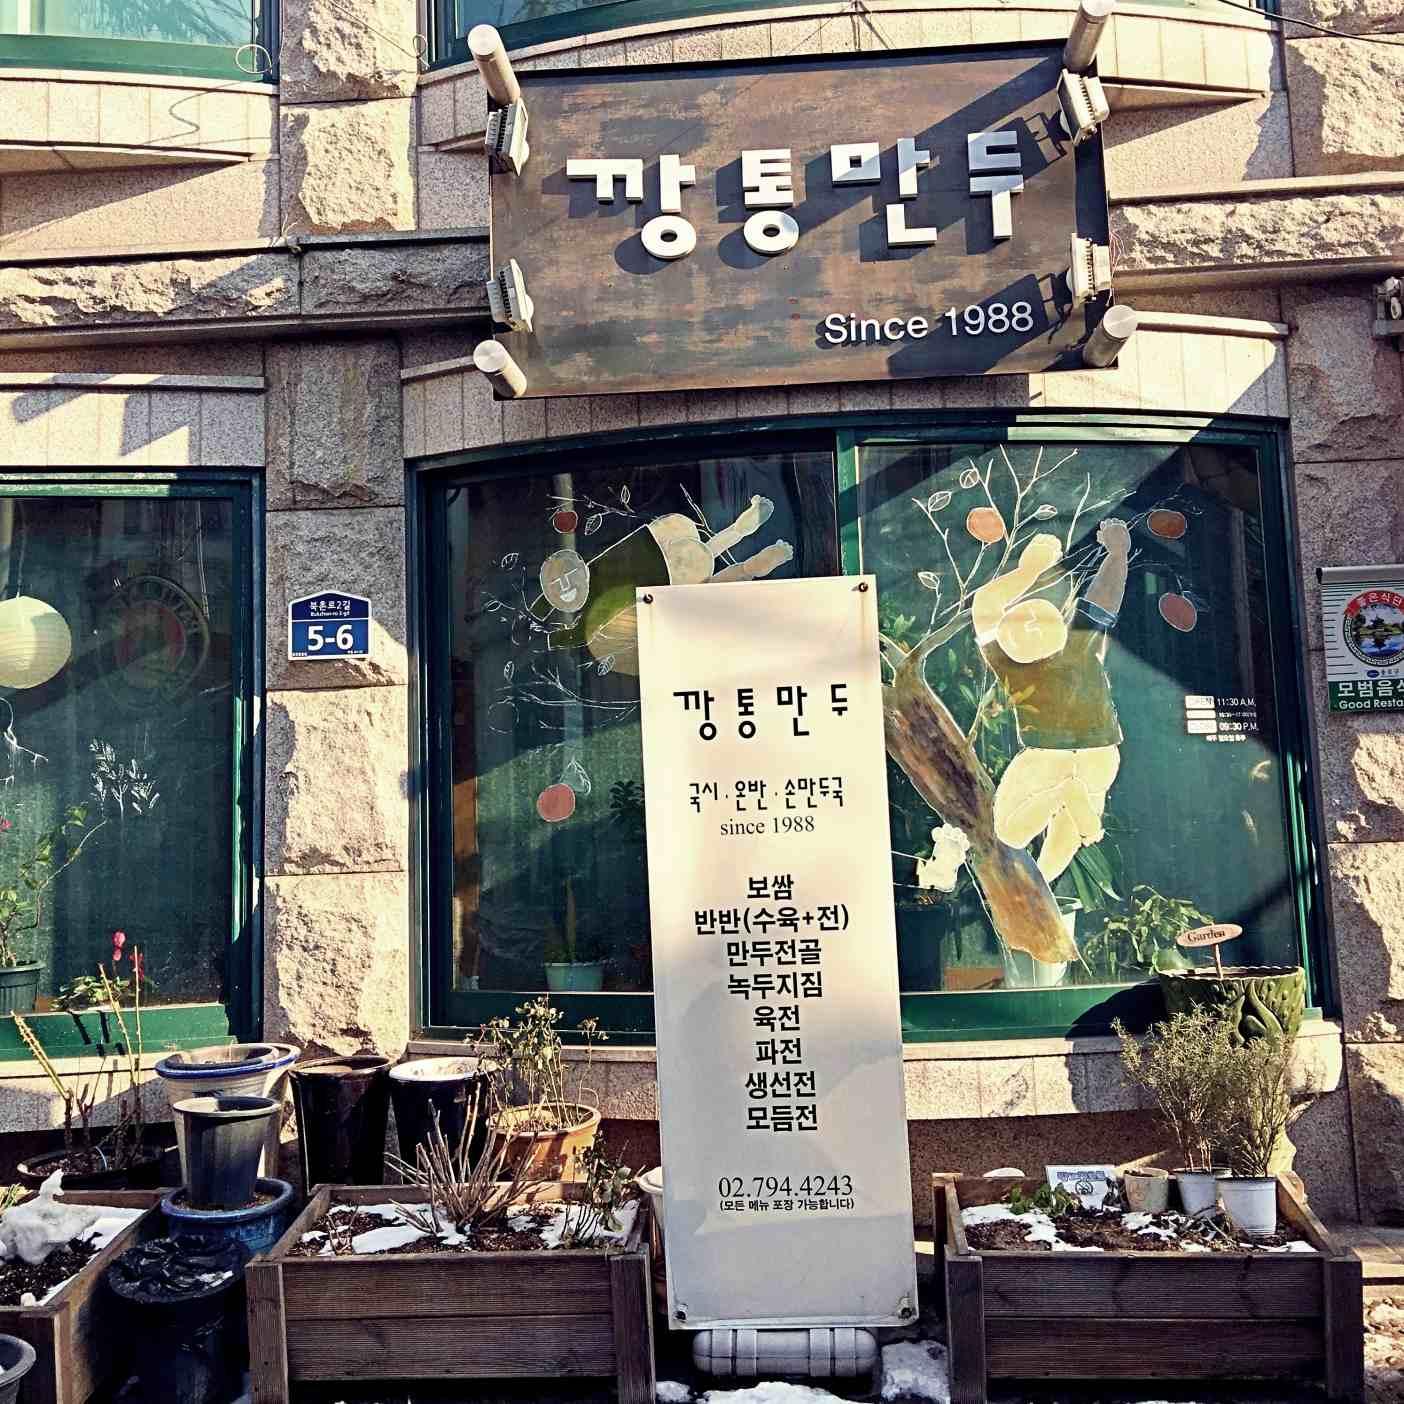 三清洞的這家老字號罐頭餃子 깡통만두 ,上過tvN美食節目,是專賣餃子鍋聞名的餐廳。